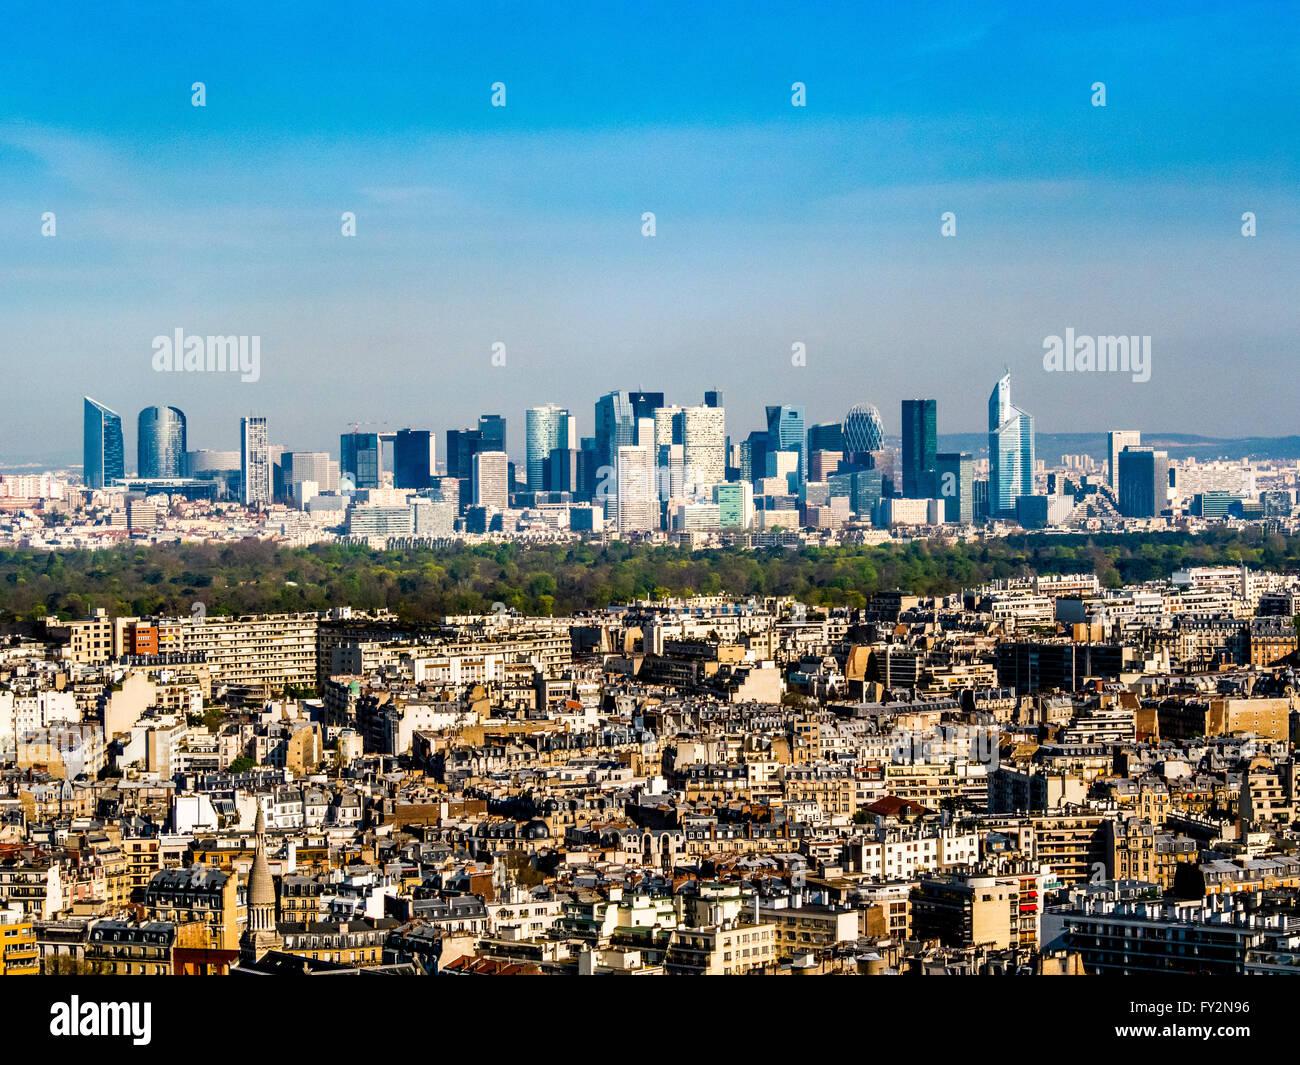 La Defense, Business district, Paris, France. - Stock Image